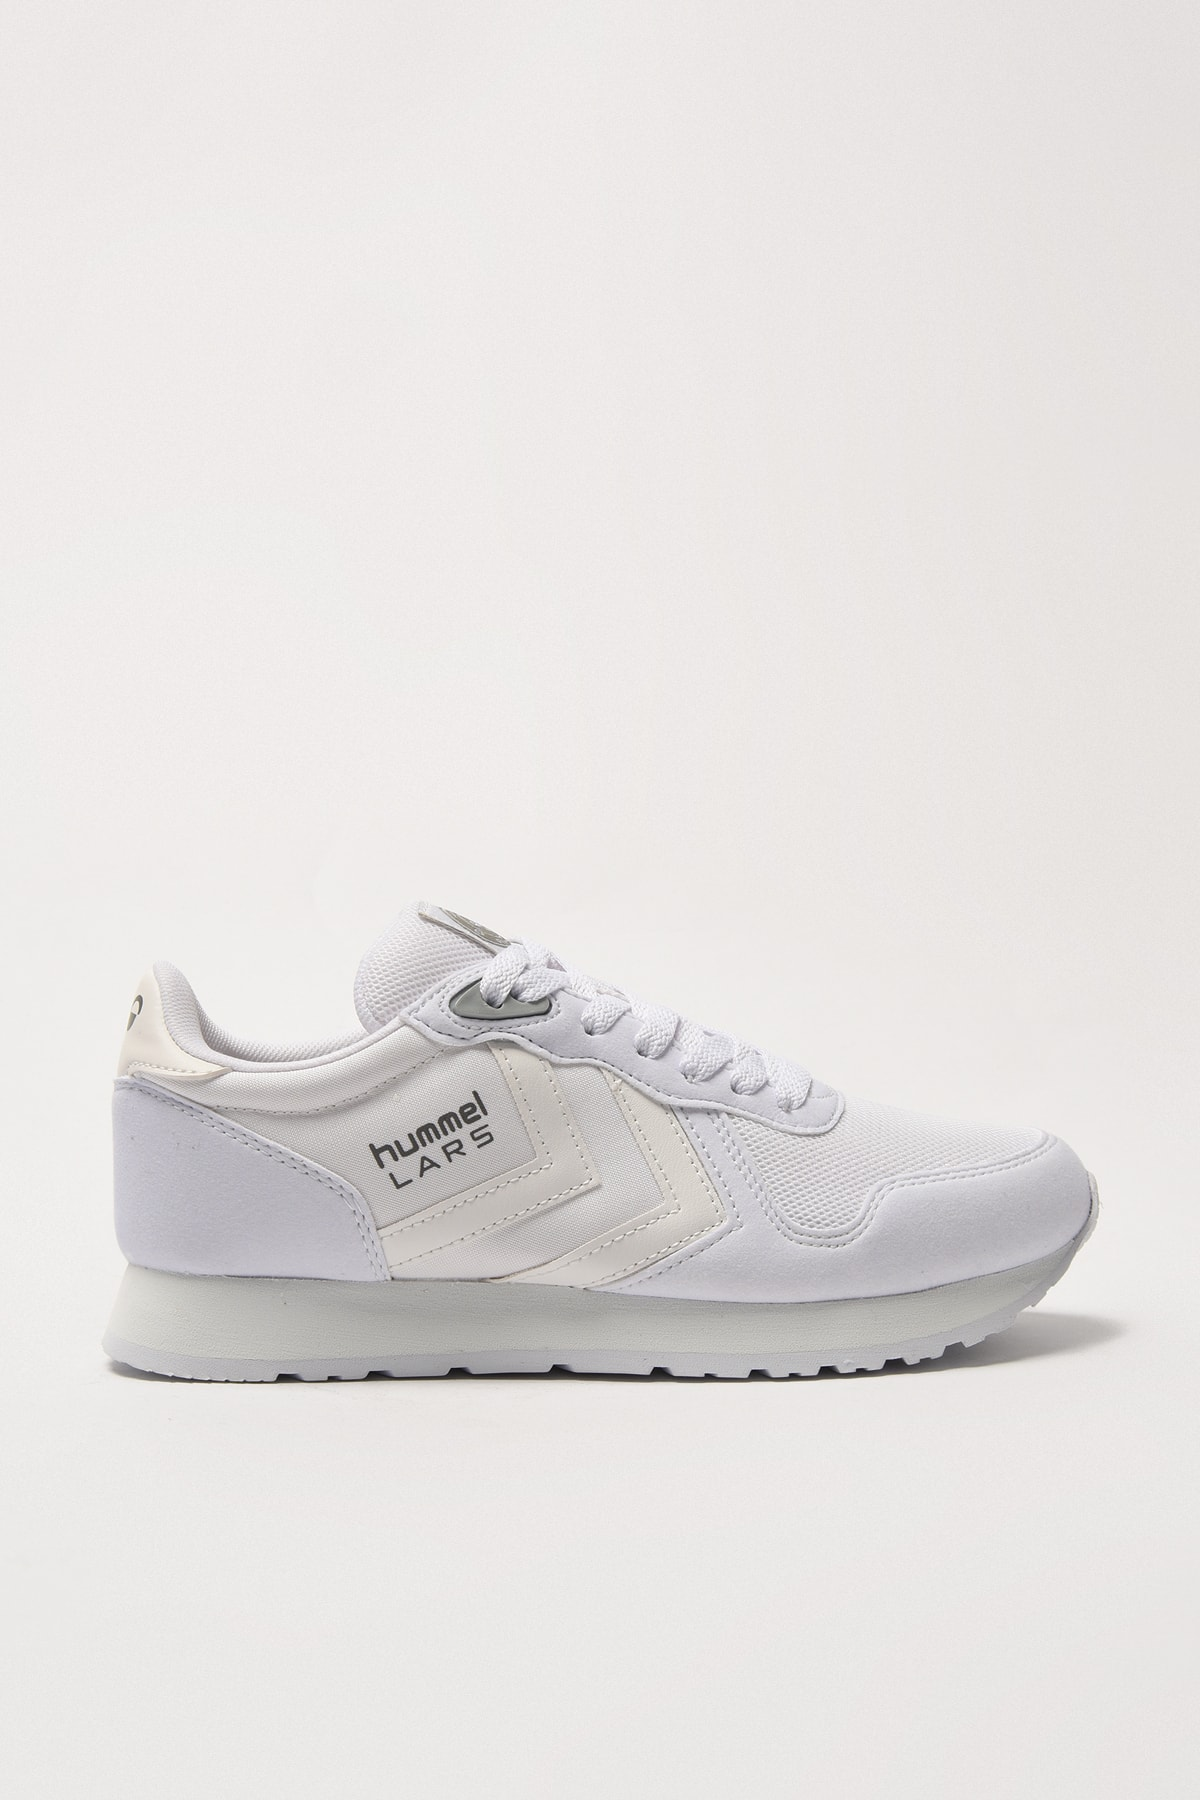 HUMMEL Unisex  Spor Ayakkabı - Hmllars Lifestyle Shoes 2